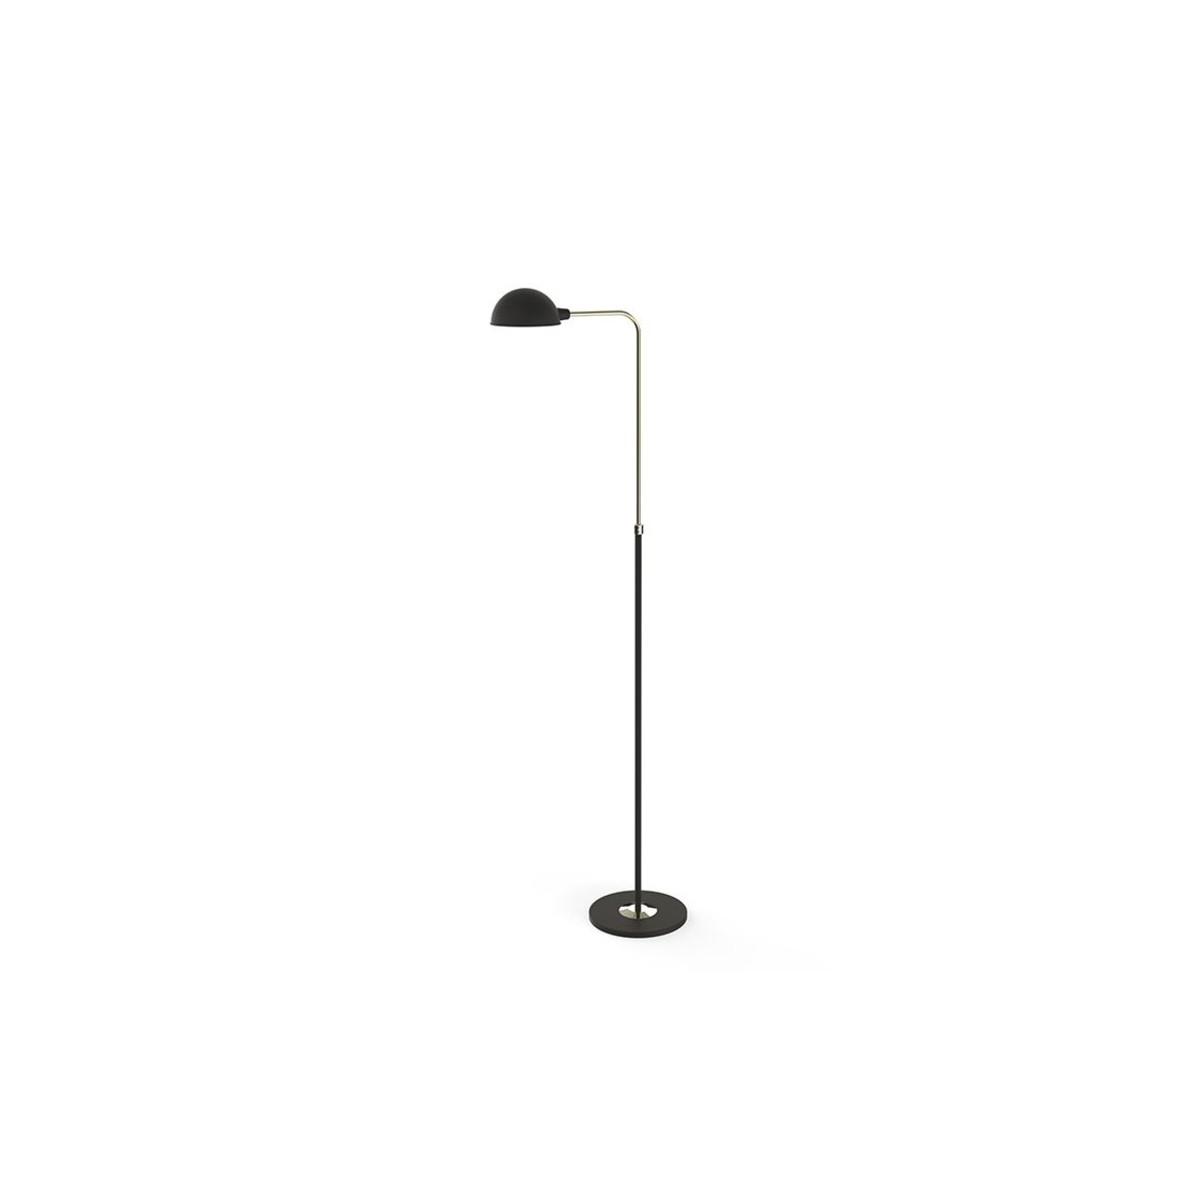 HERBIE FLOOR LAMP